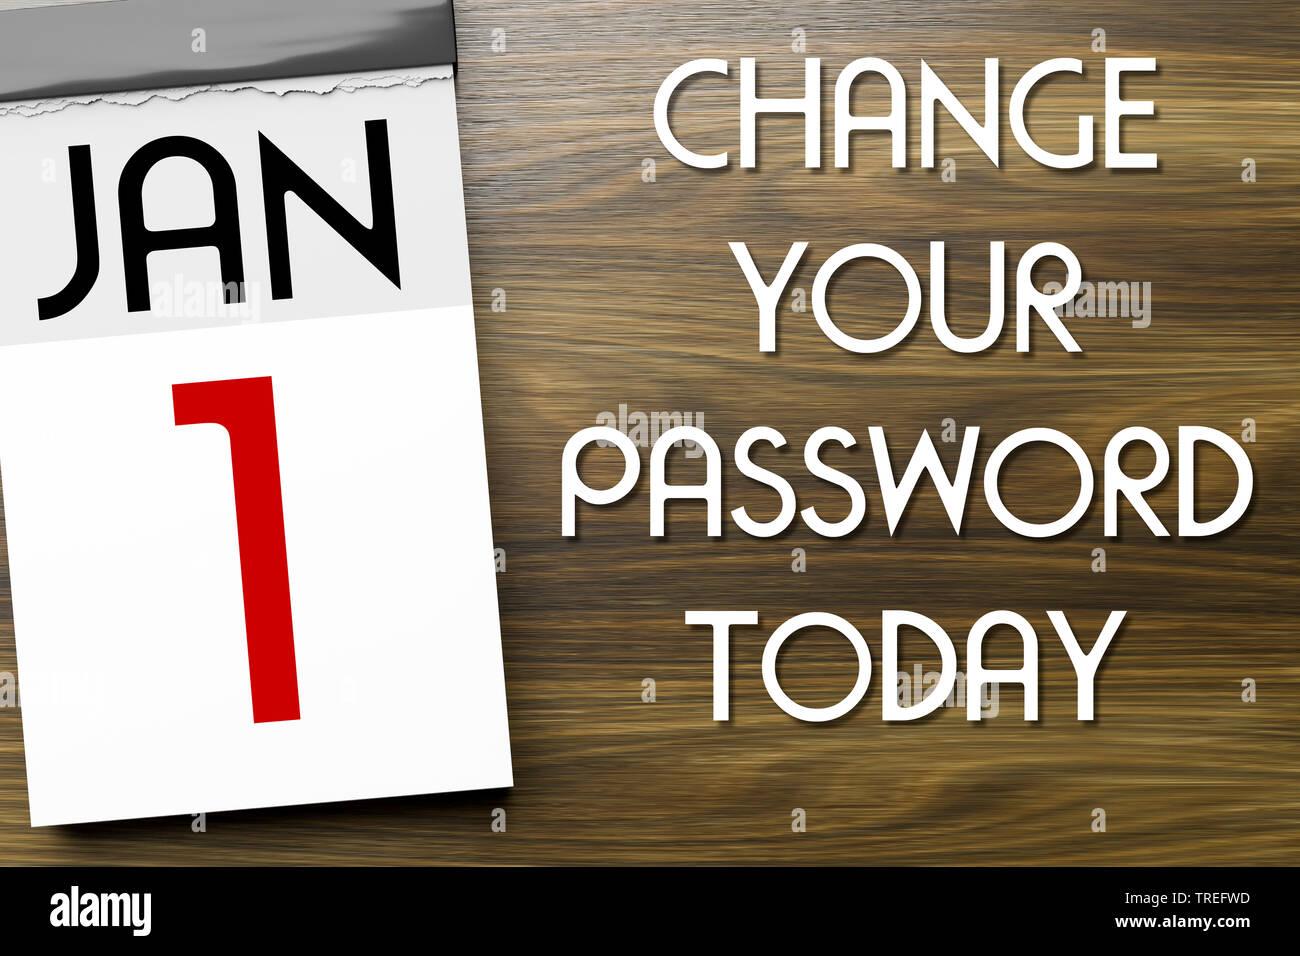 Abreisskalender mit Aufschrift JAN 1 - CHANGE YOUR PASSWORD TODAY (Wechseln Sie Heute Ihr Passwort) | Tear-off calendar lettering JAN 1 - CHANGE YOUR - Stock Image